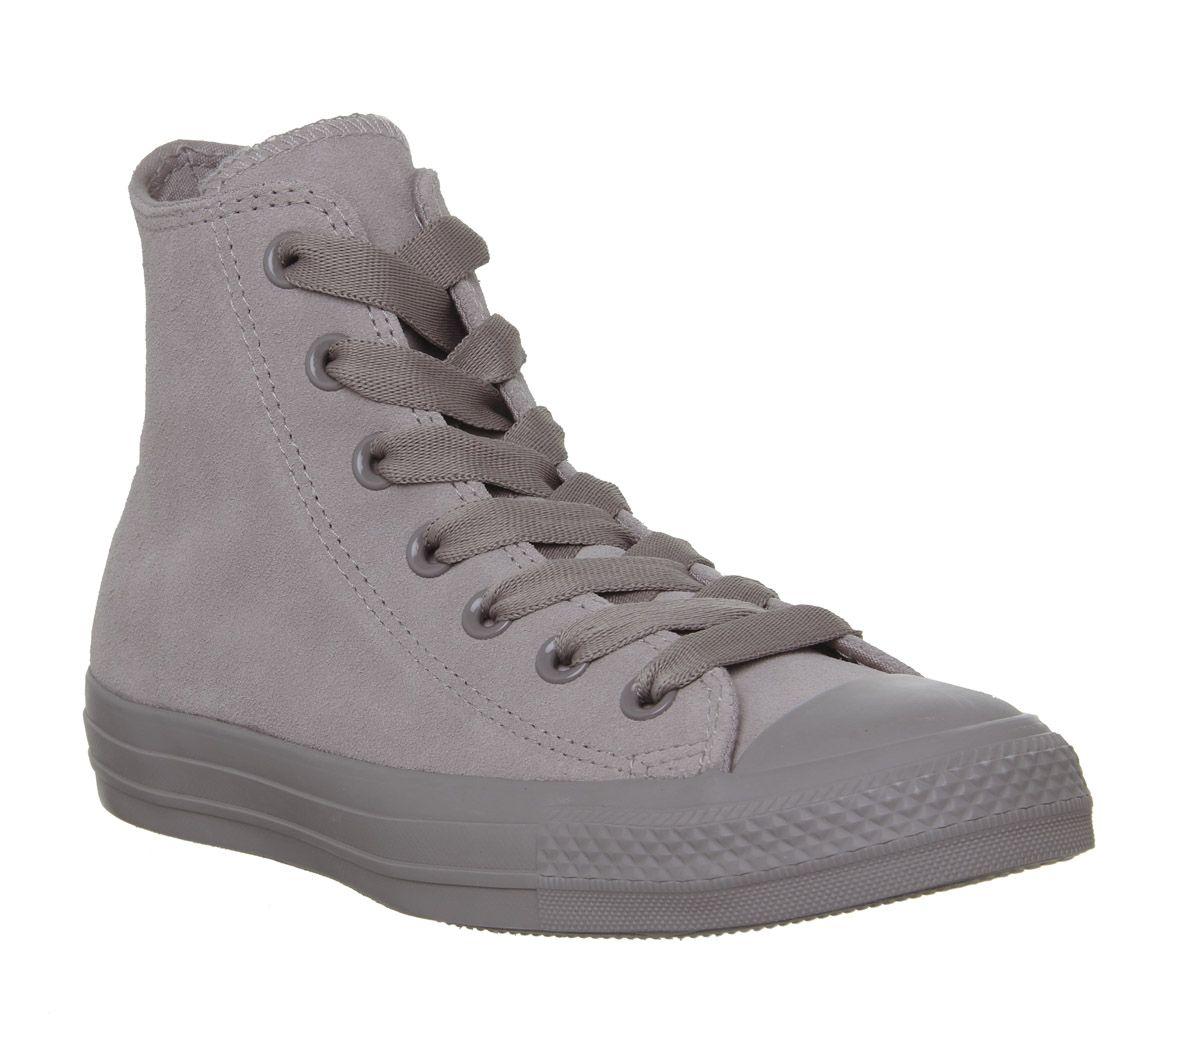 9683fc9e6868e SENTINELLE Womens Converse Converse All Star Hi chaussures gris formateurs  de formateurs mercure